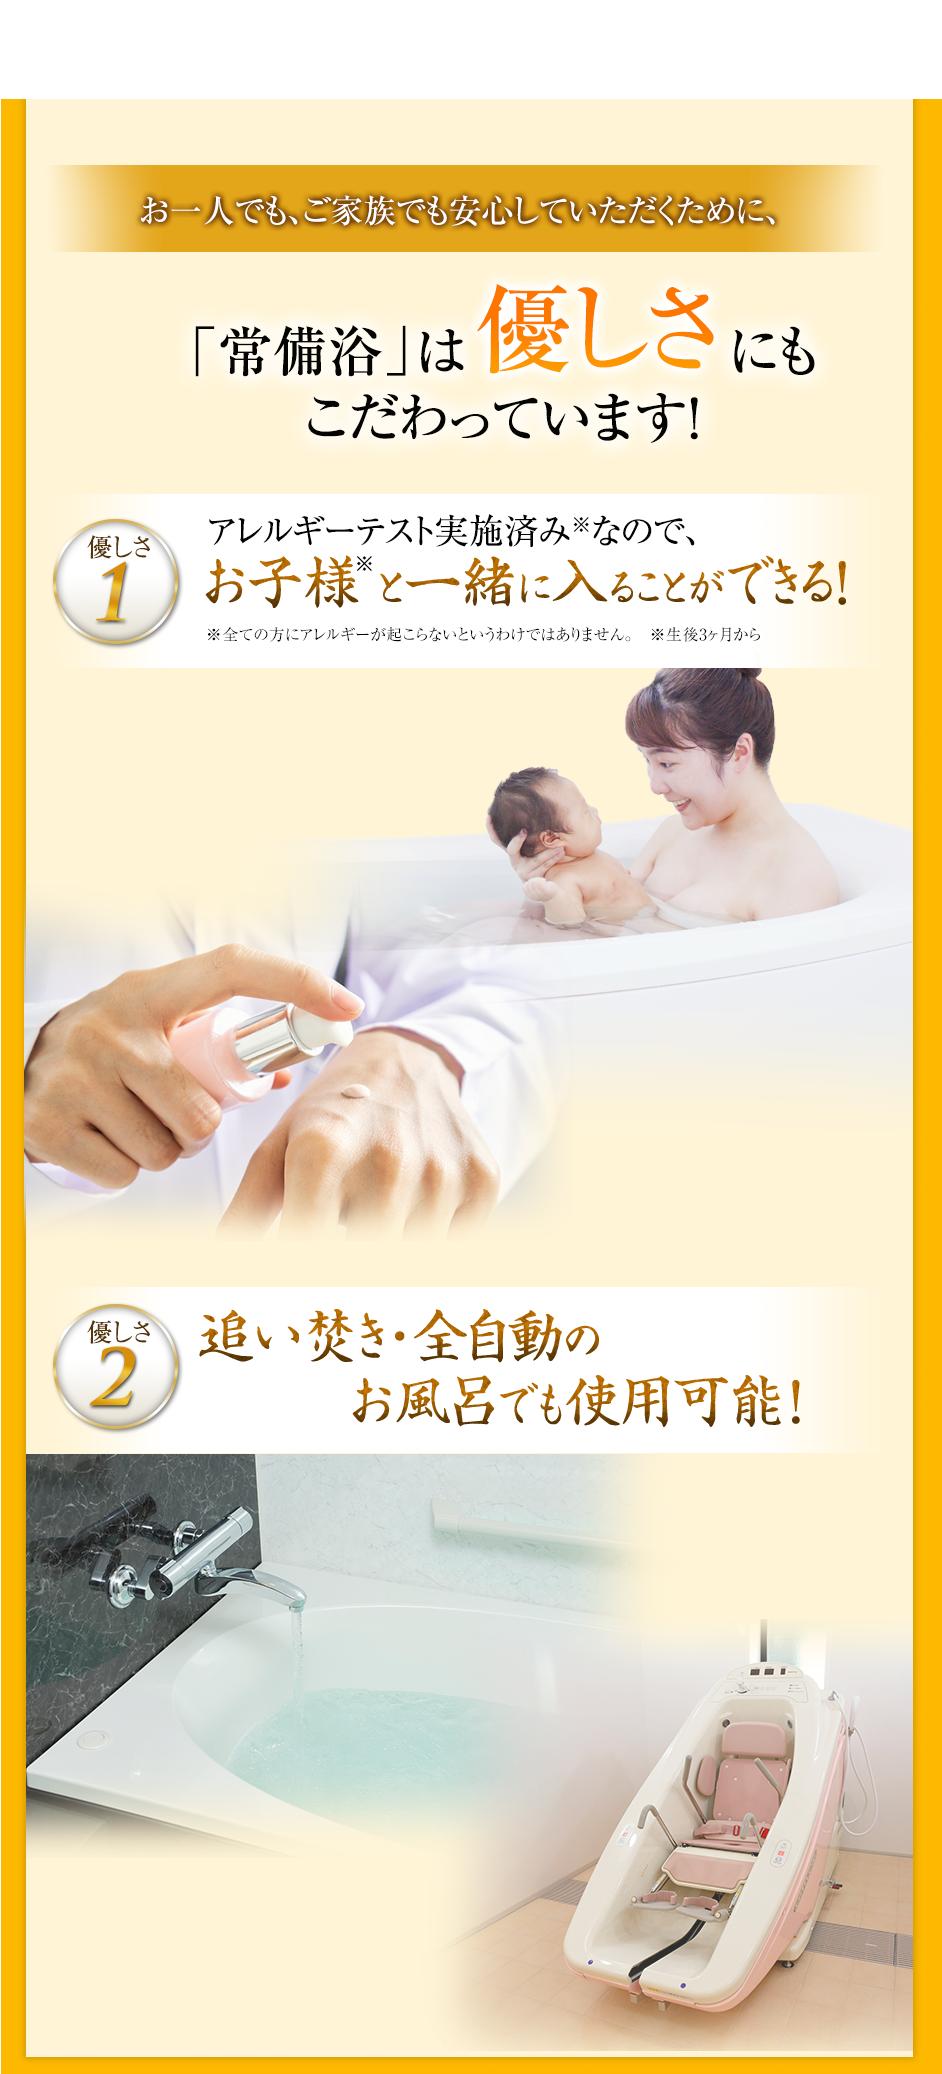 お一人でもご家族でも安心していただくために、「常備浴」は優しさにもこだわっています!優しさ1アレルギーテスト実施済みなので、お子様と一緒に入ることができる!優しさ2追い炊き・全自動のお風呂でも使用可能!